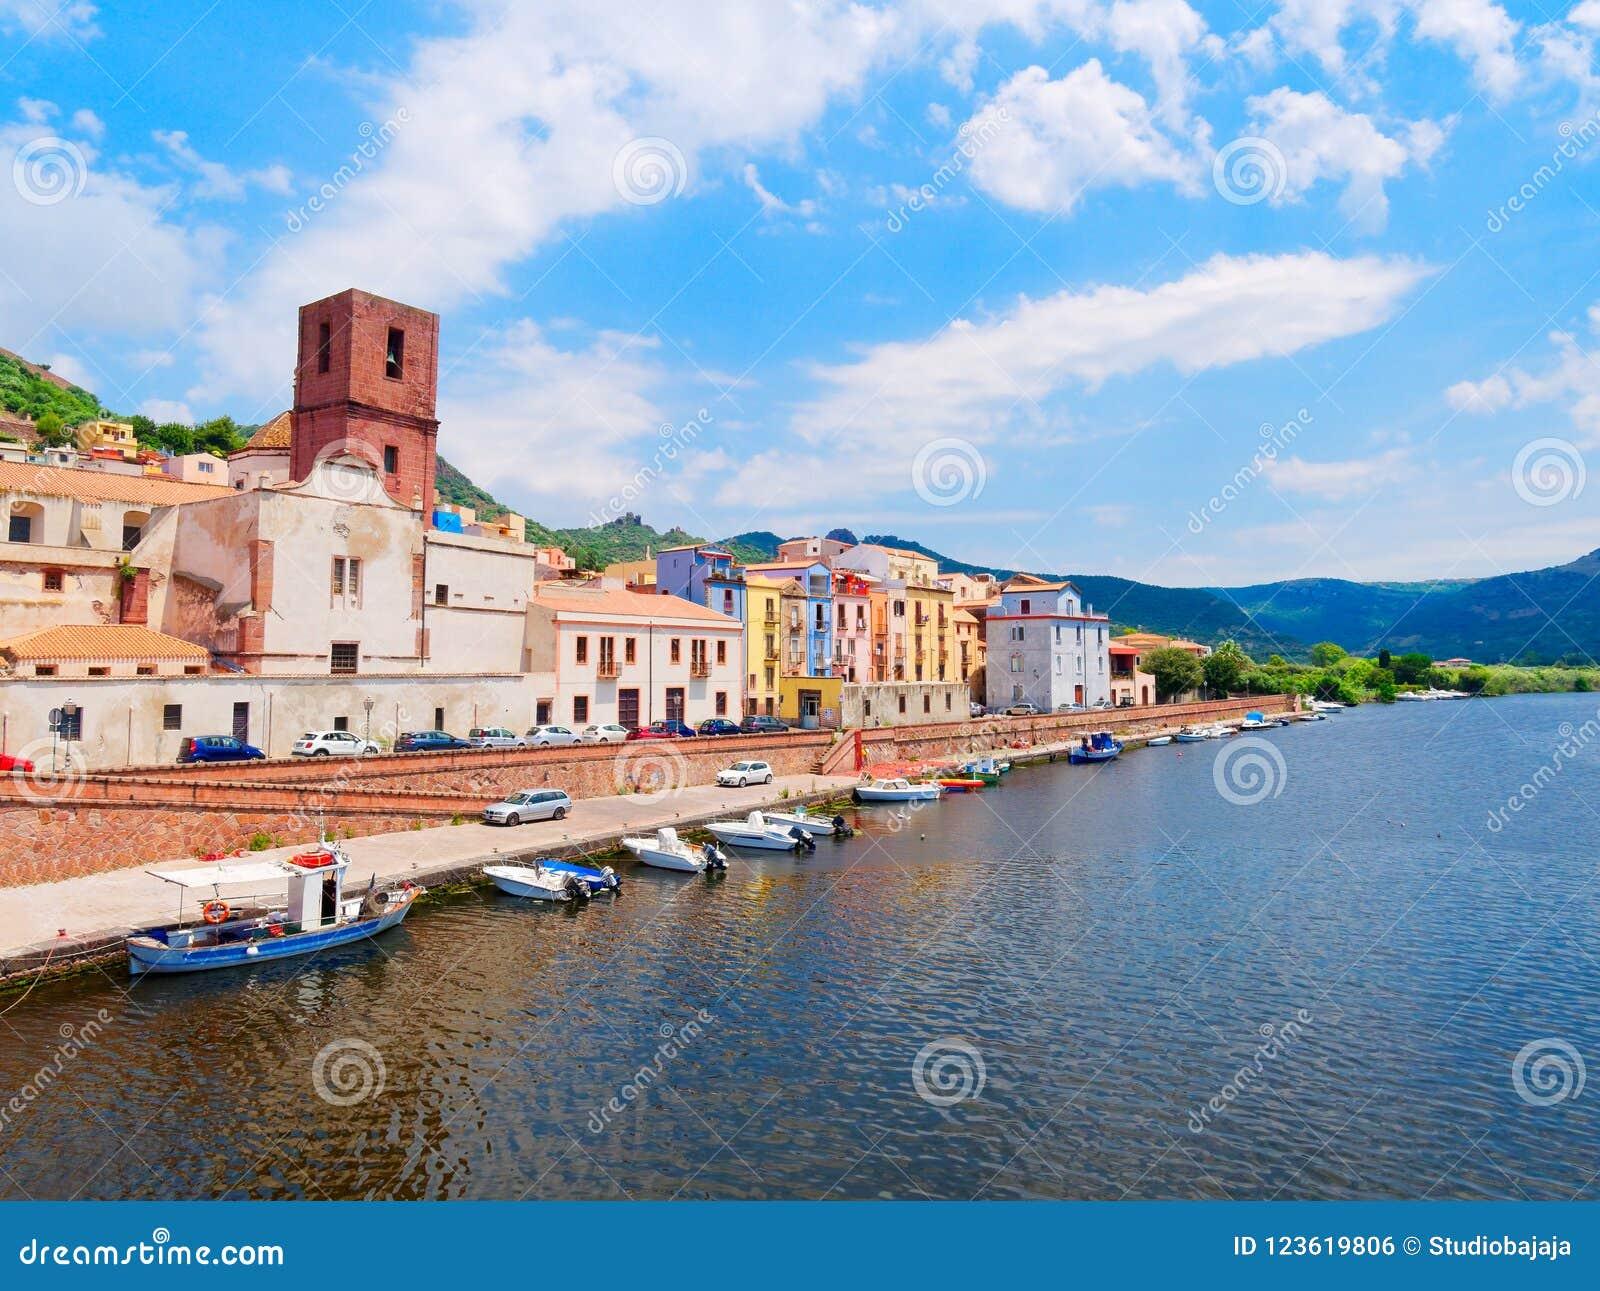 Ανάχωμα ποταμών στην πόλη Bosa με τα ζωηρόχρωμα, χαρακτηριστικά ιταλικά σπίτια επαρχία Oristano, Σαρδηνία, Ιταλία